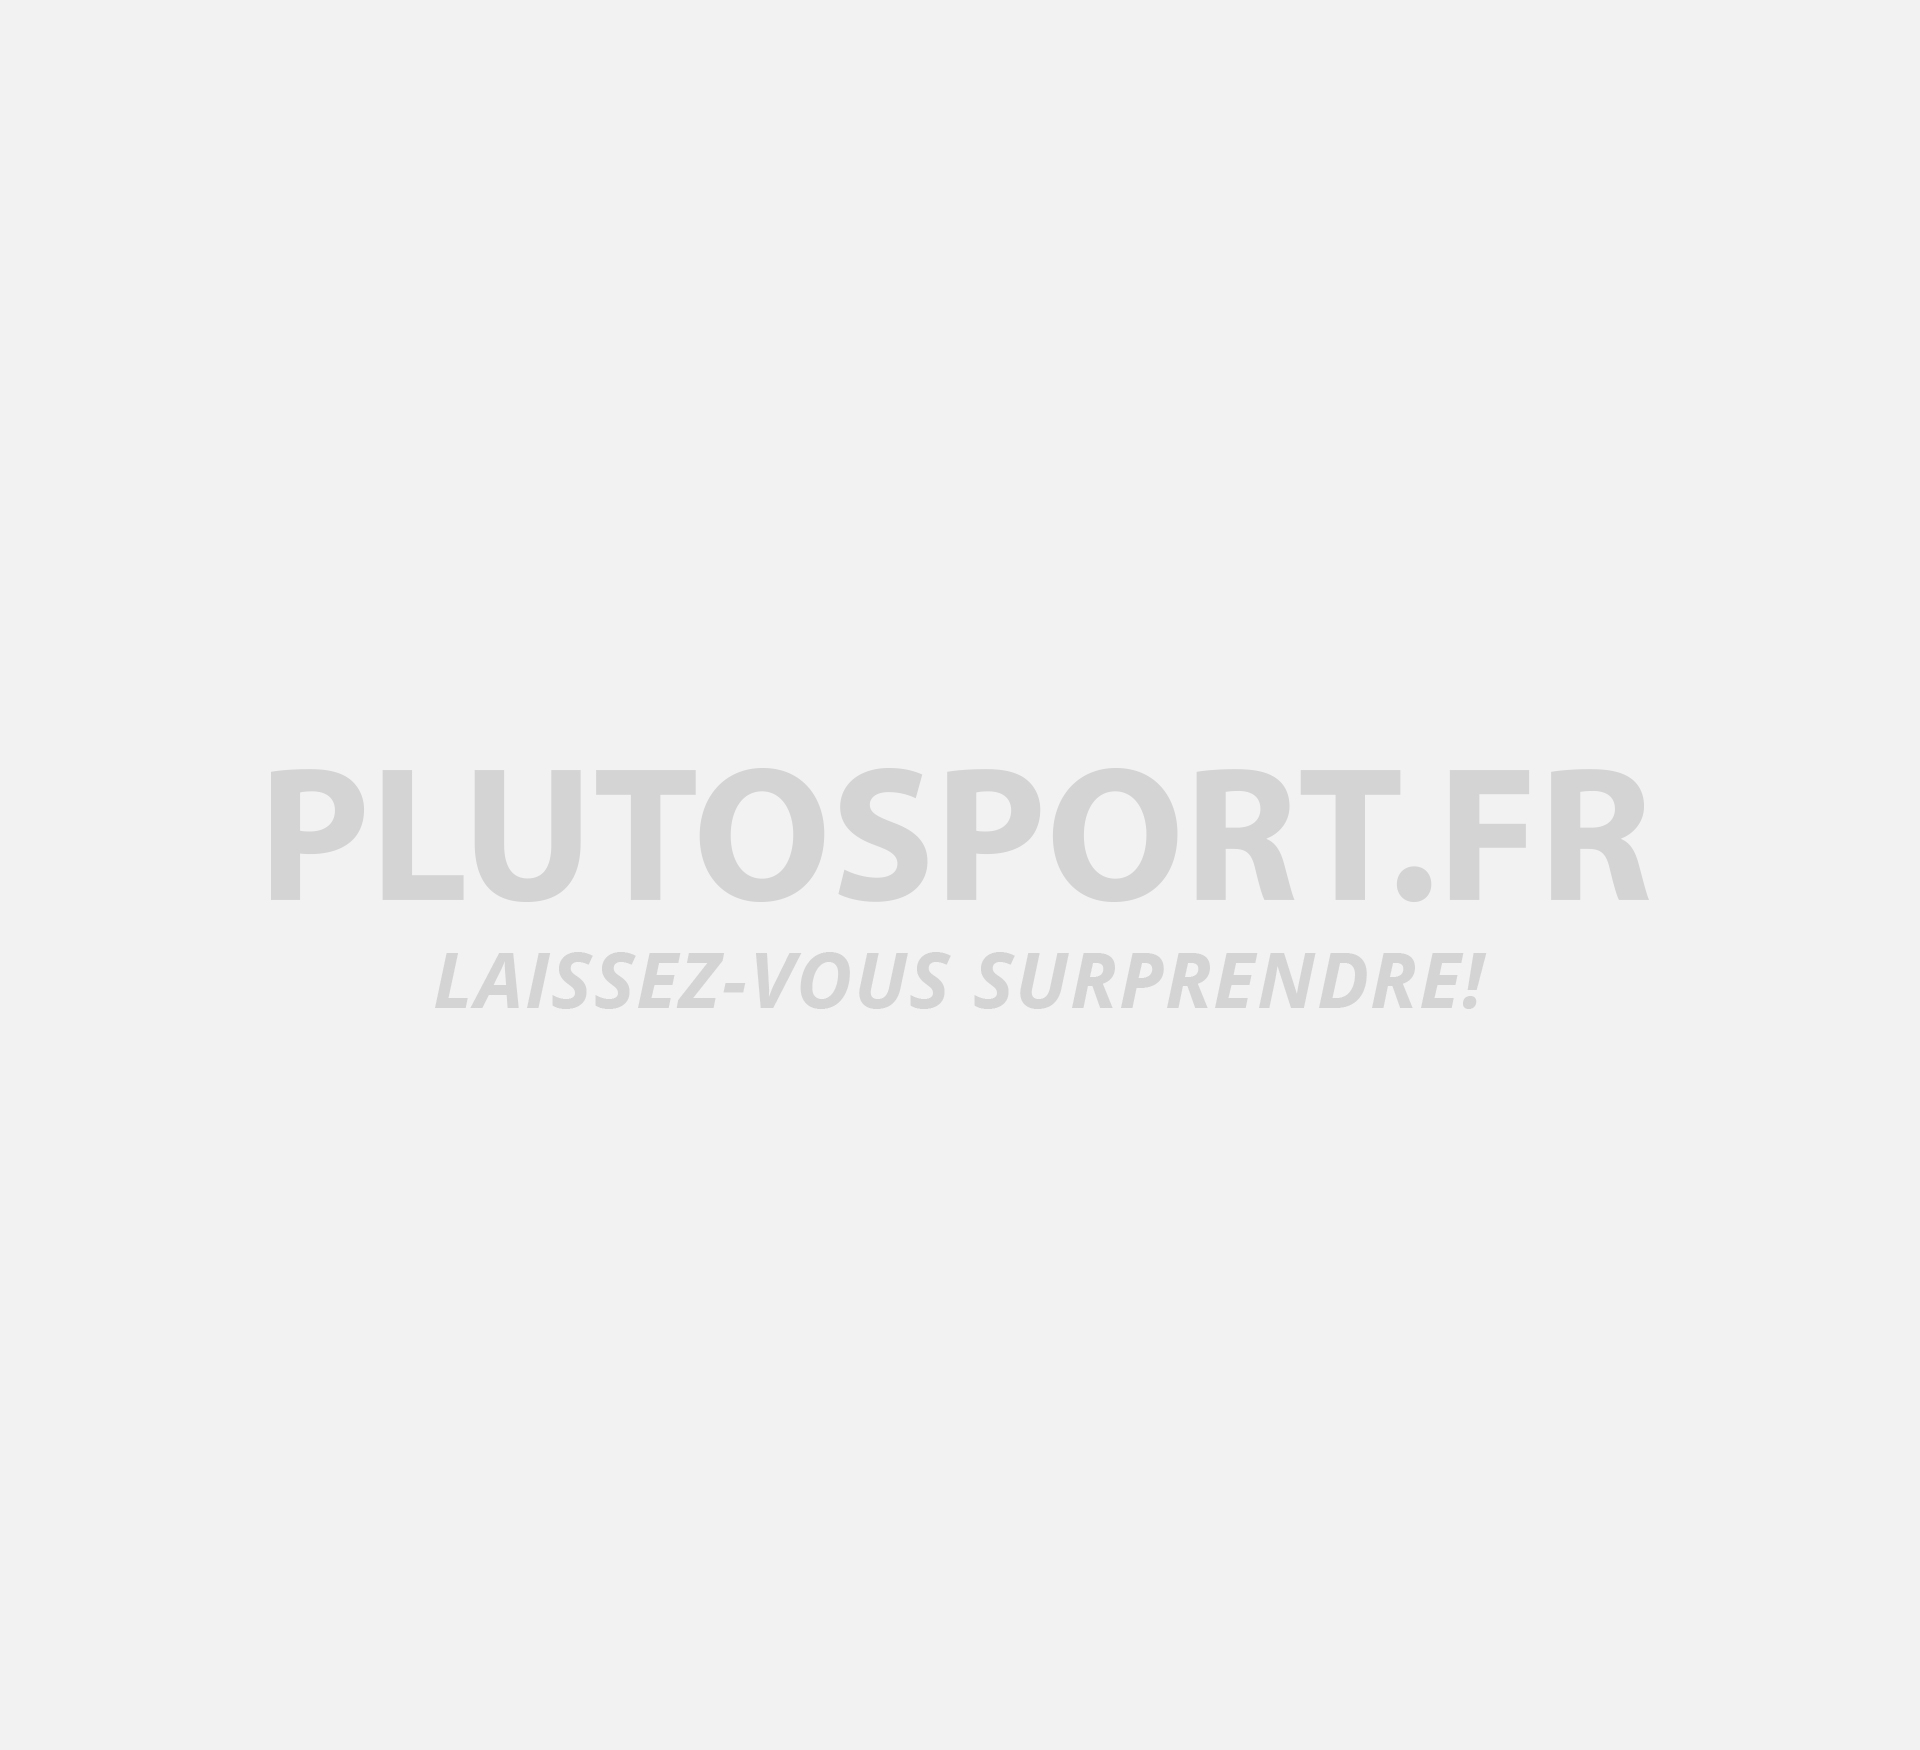 Manteau de voile Helly Hansen Pier 3.0 pour hommes